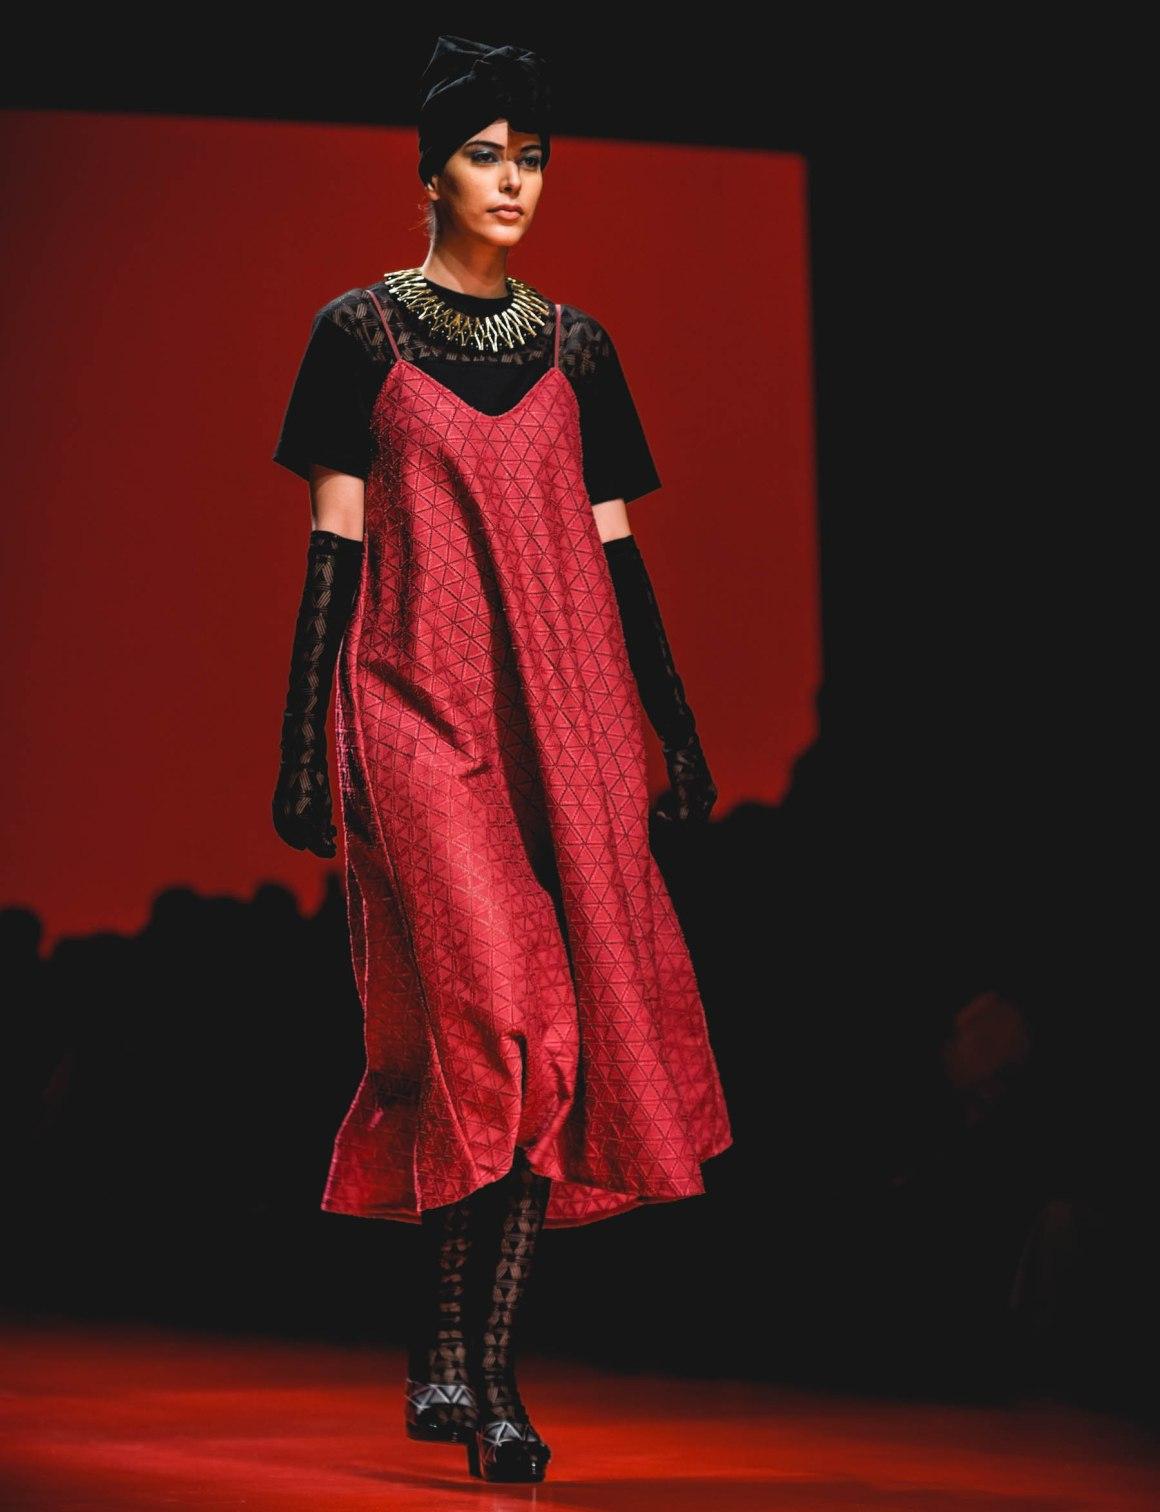 #EyesForFashion, blogger, Delhi Blogger, Delhi Photographer, Atsushi Nakashima, Japanese Fashion Designer, Japan Fashion, Japanese Fashion, fashion designer, fashion photographer, Fashion Week Delhi, FDCI, Gurgaon Blogger, Gurgaon Photographer, india fashion week, Indian Blogger, lifestyle photographer, LMIFW, LMIFWSS19, Lotus MakeUp India Fashion Week Spring Summer 2019, luxury photographer, naina redhu, naina.co, professional photographer